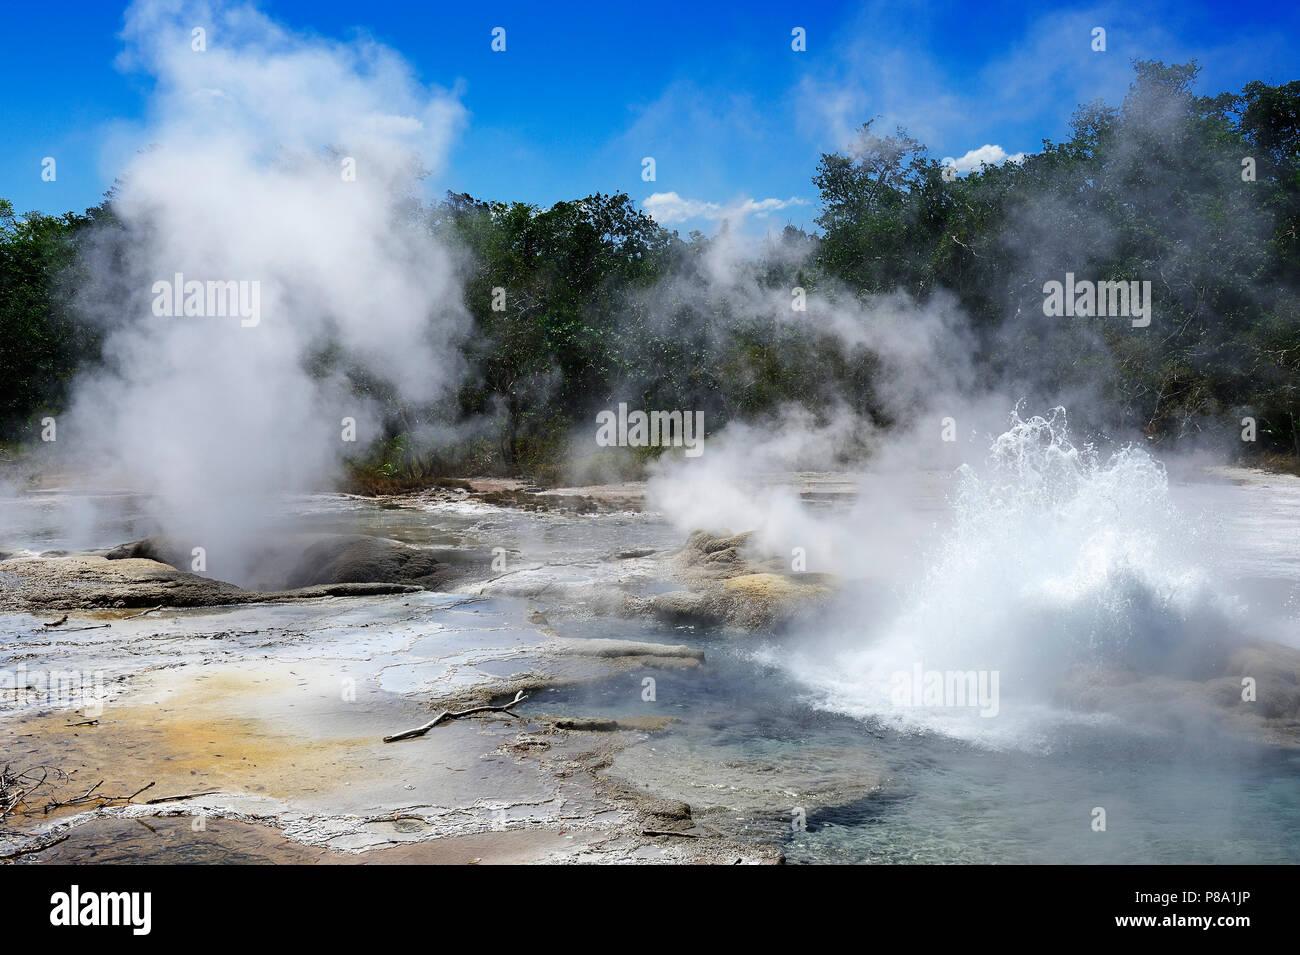 Dei Dei Hot Springs, Ferguson Island, Milne Bay, Alotau, Papua New Guinea, Oceania - Stock Image